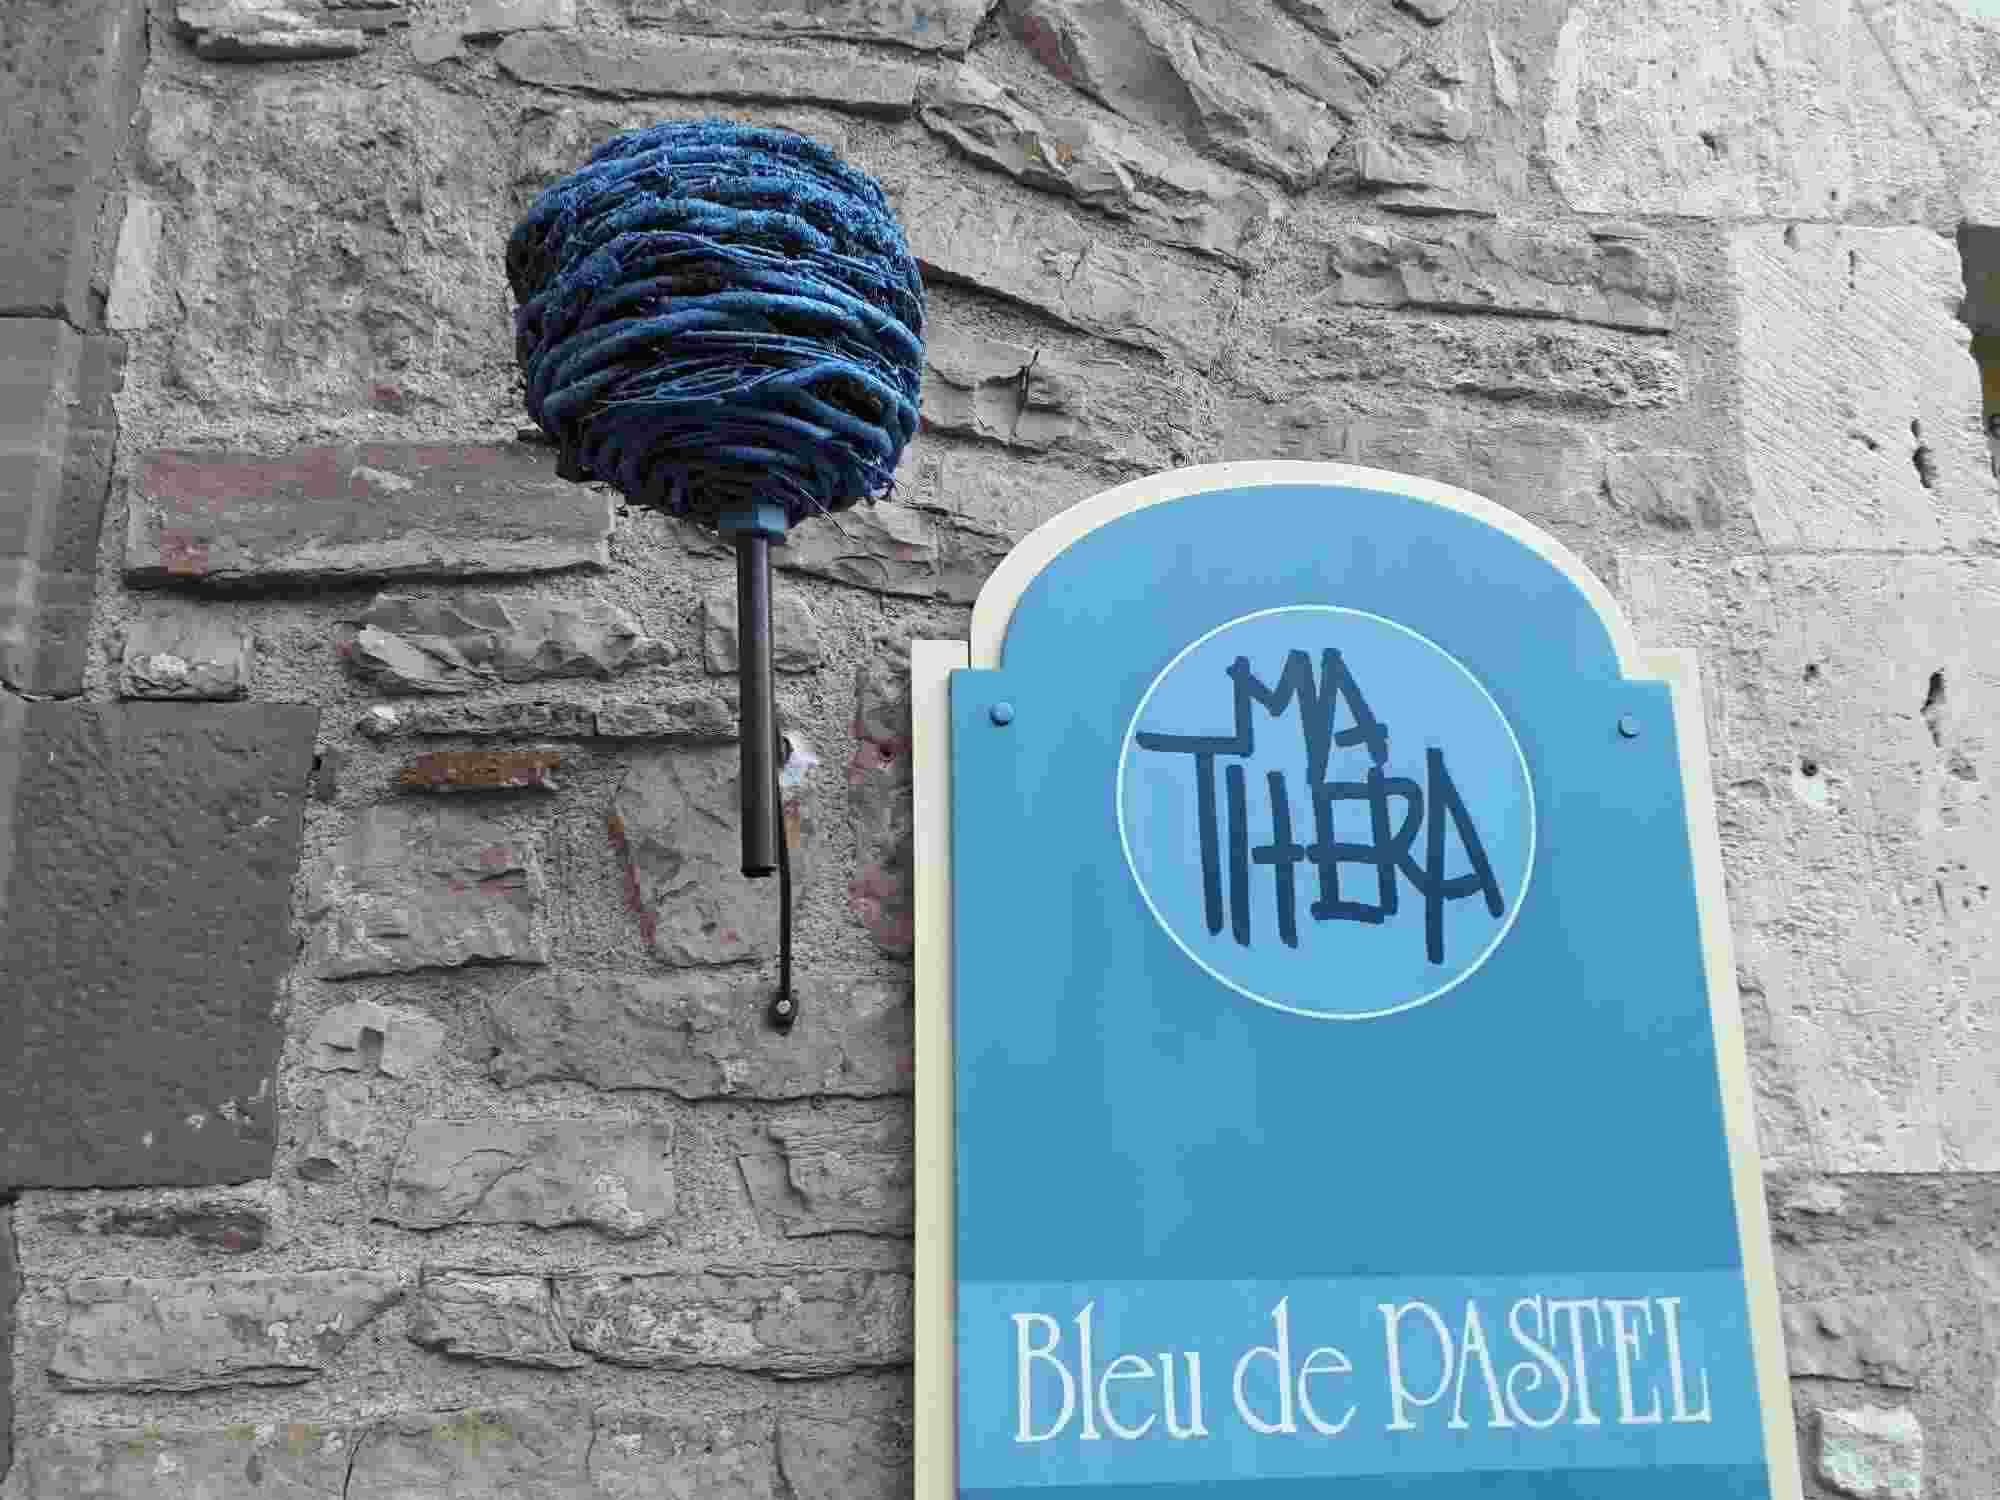 El tinte azul pastel marcó una etapa mítica en la ciudad de Toulouse y se elabora con las cocagnes fabricadas con las hojas del glasto